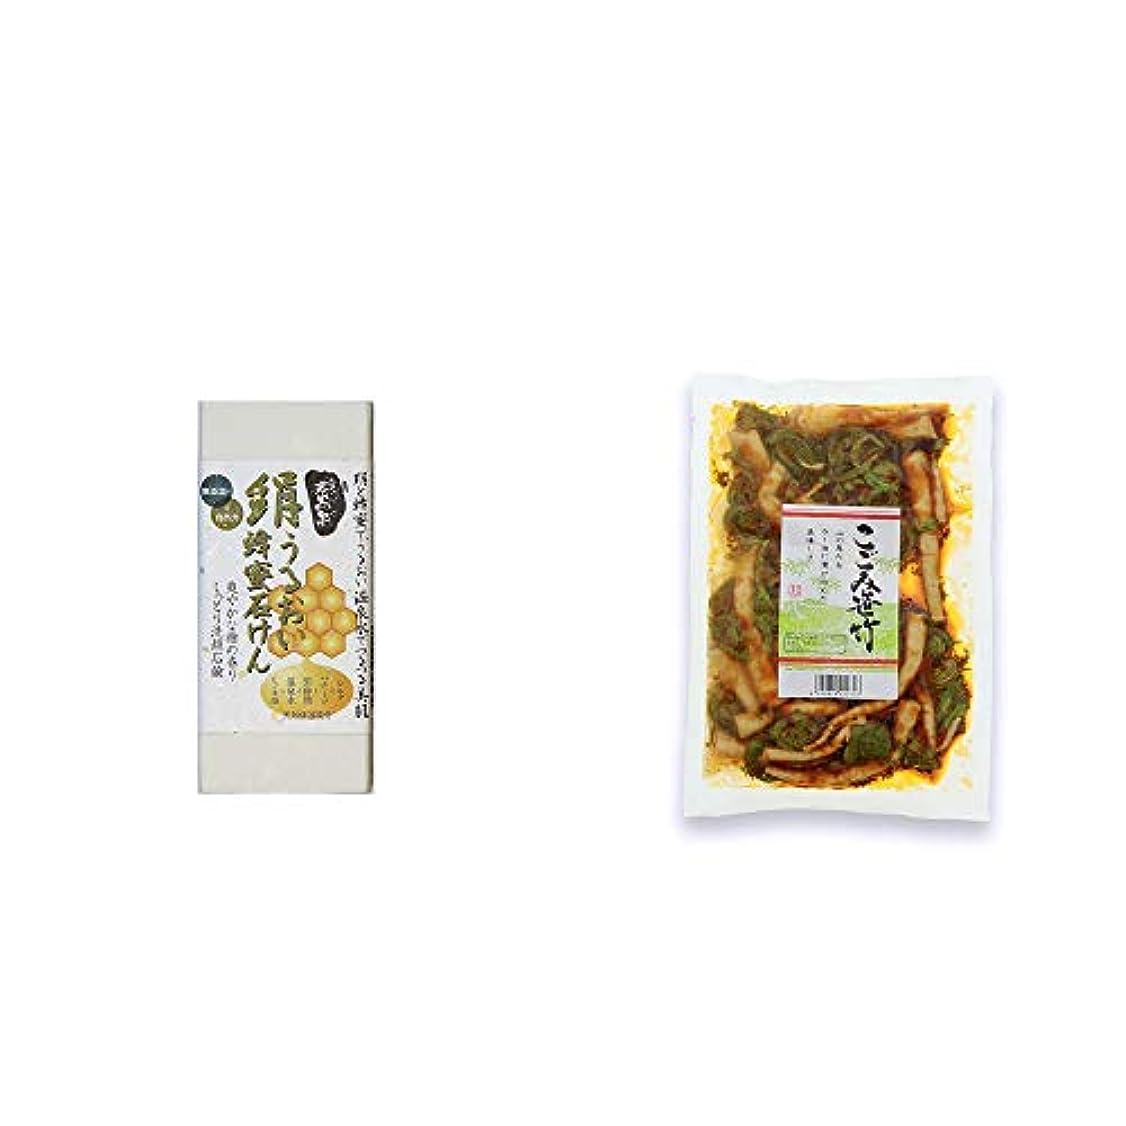 メジャーエレガント陰謀[2点セット] ひのき炭黒泉 絹うるおい蜂蜜石けん(75g×2)?こごみ笹竹(250g)